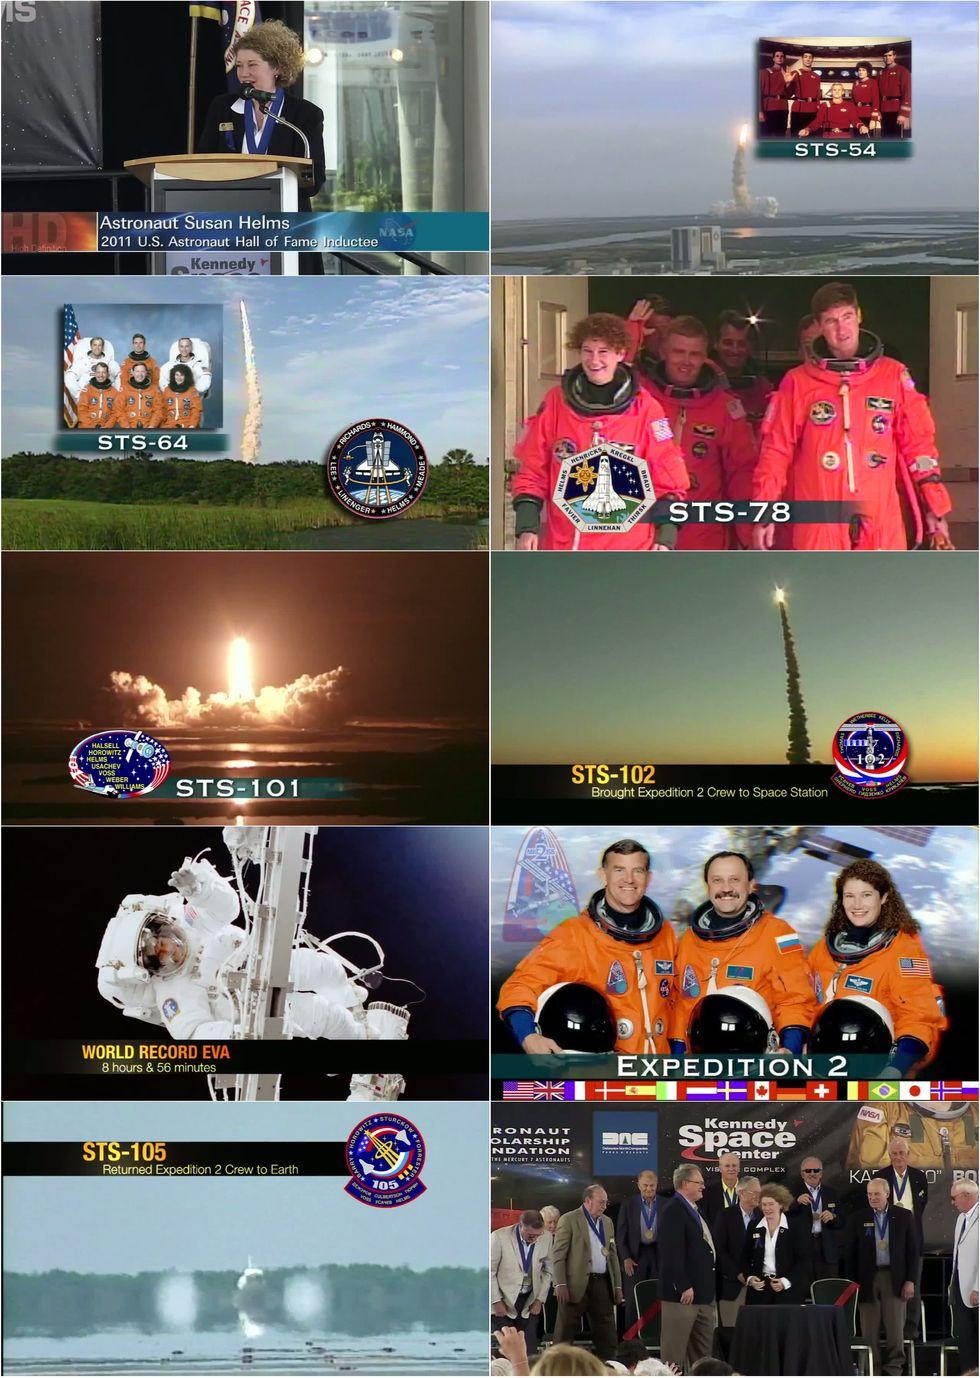 La place des femmes dans l'astronautique - Page 4 Planch10